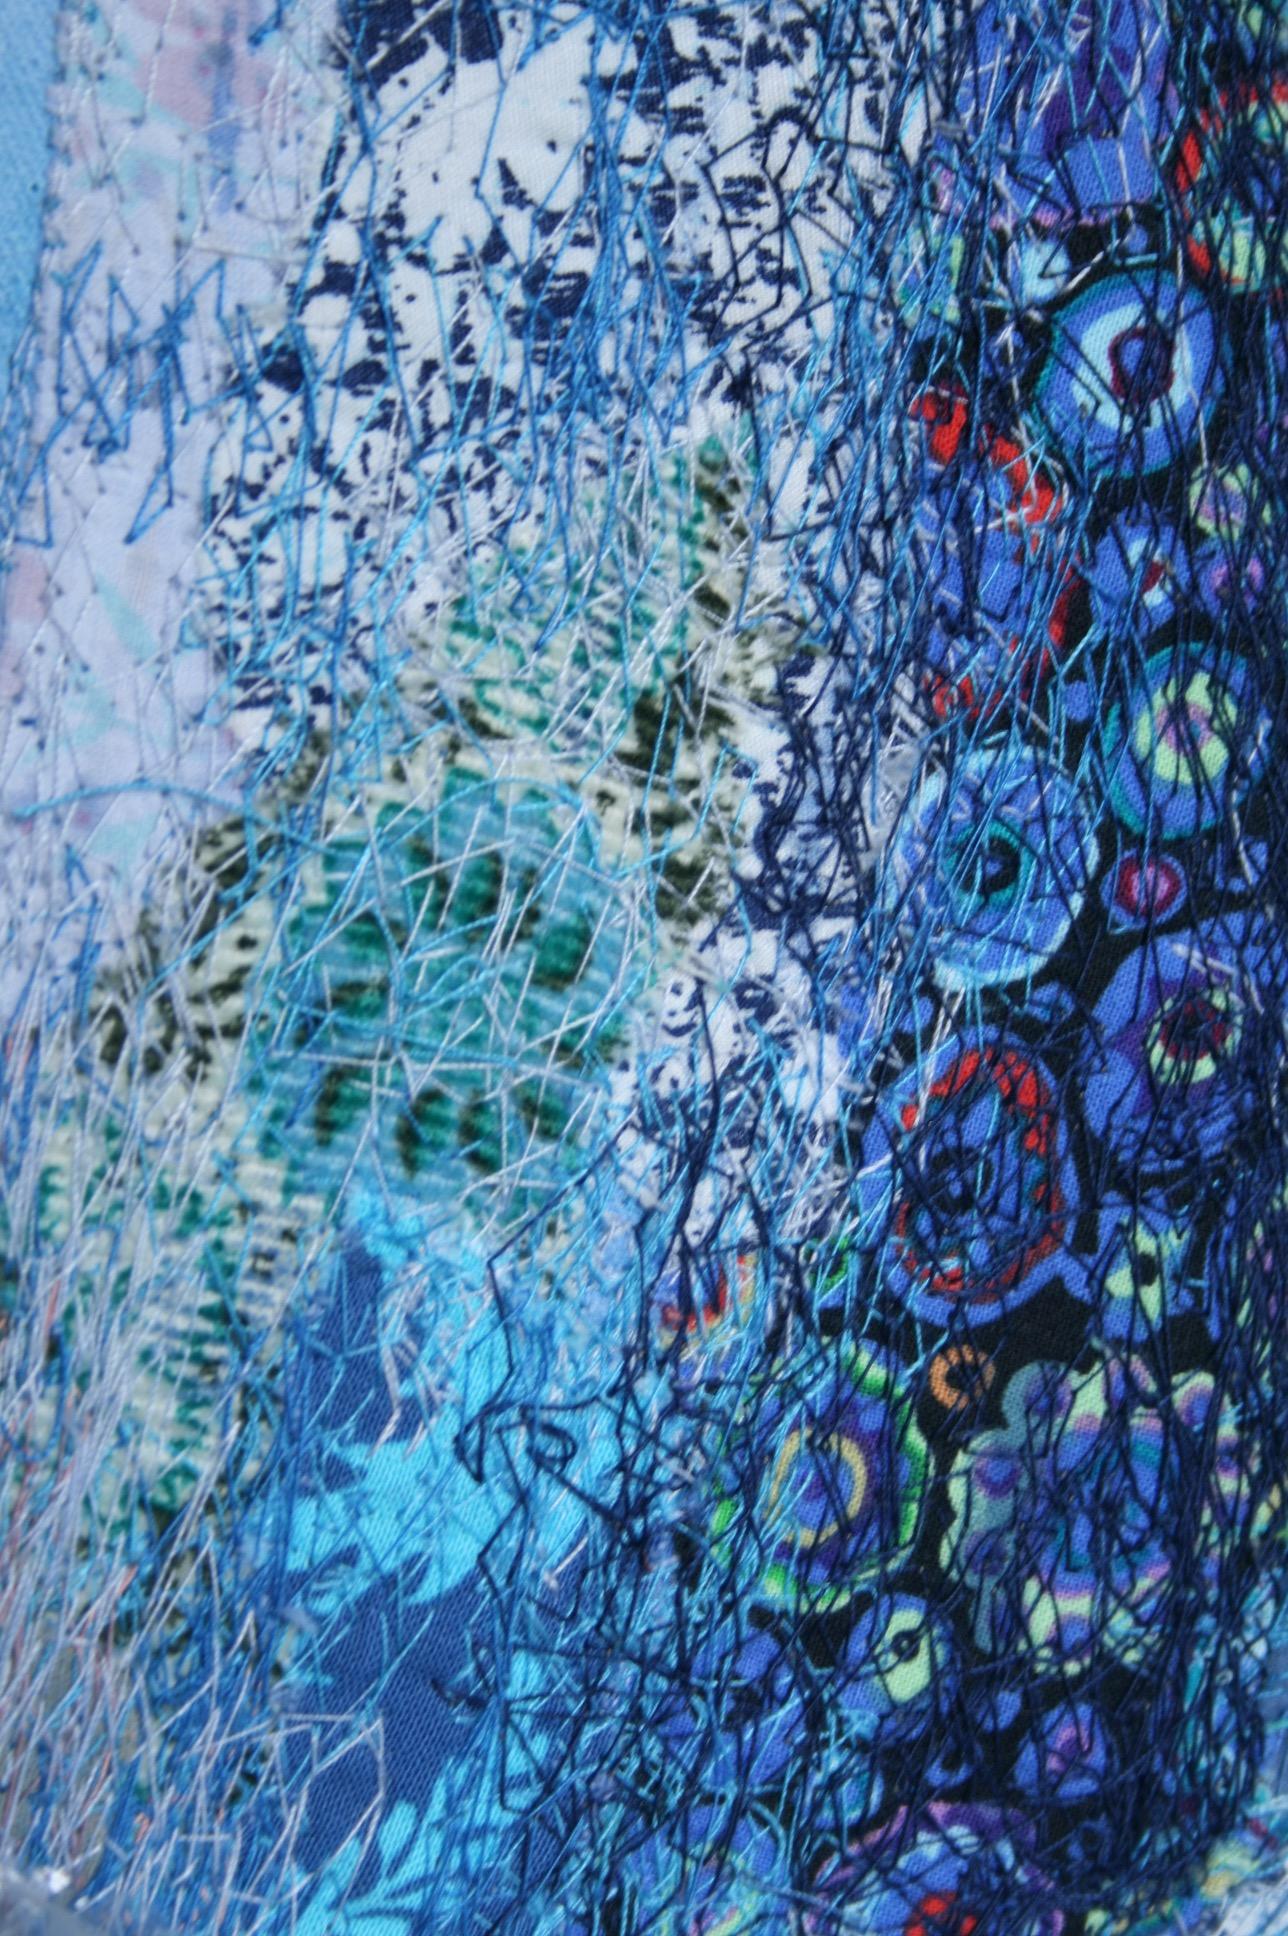 Blue Whale Detail